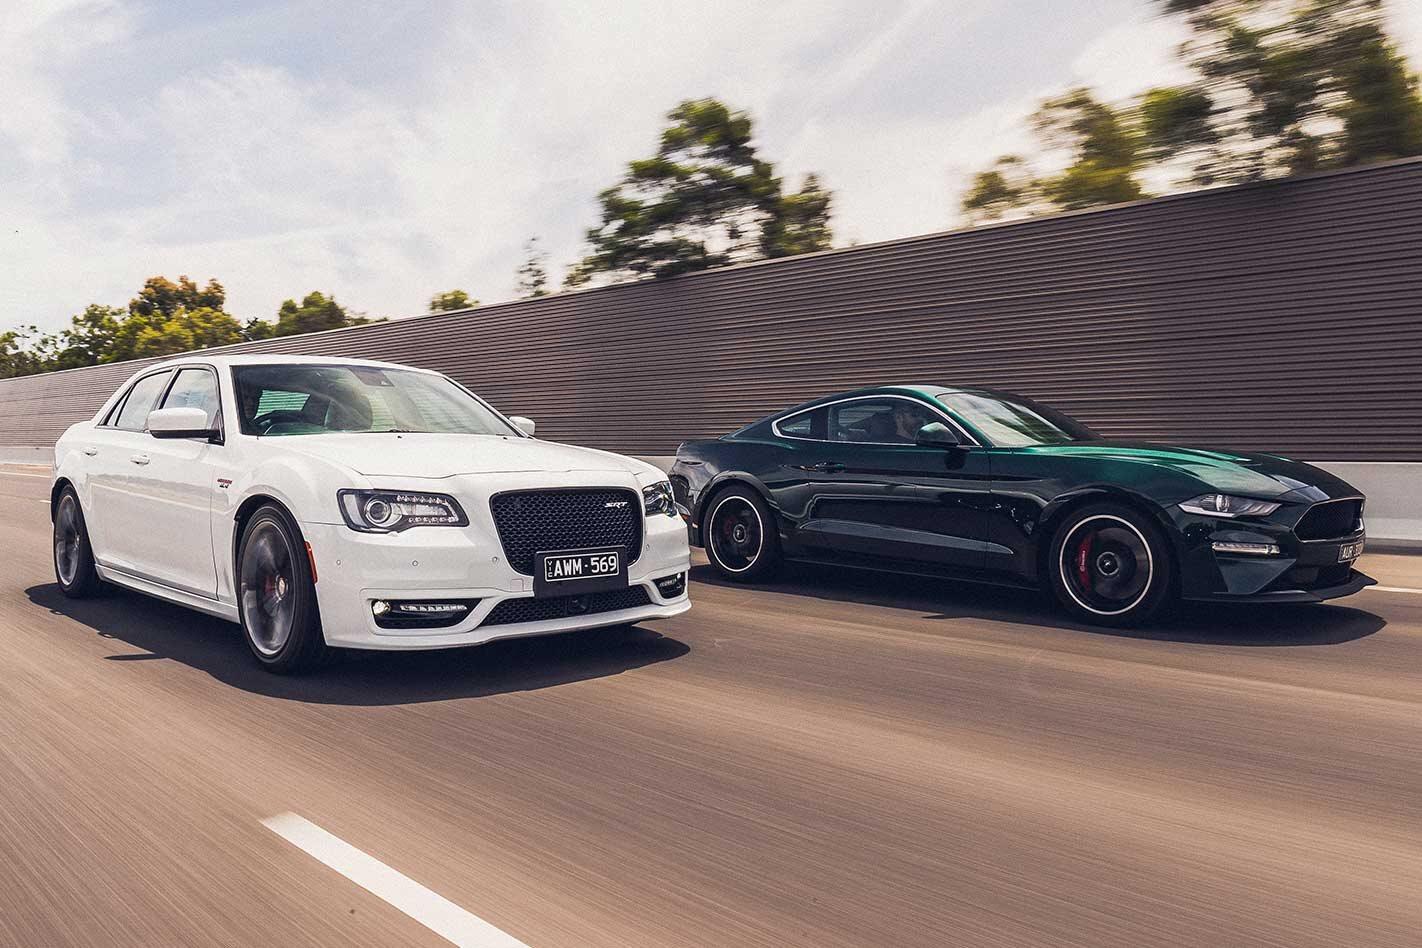 2019 Ford Mustang Bullitt vs Chrysler 330 SRT performance comparison review